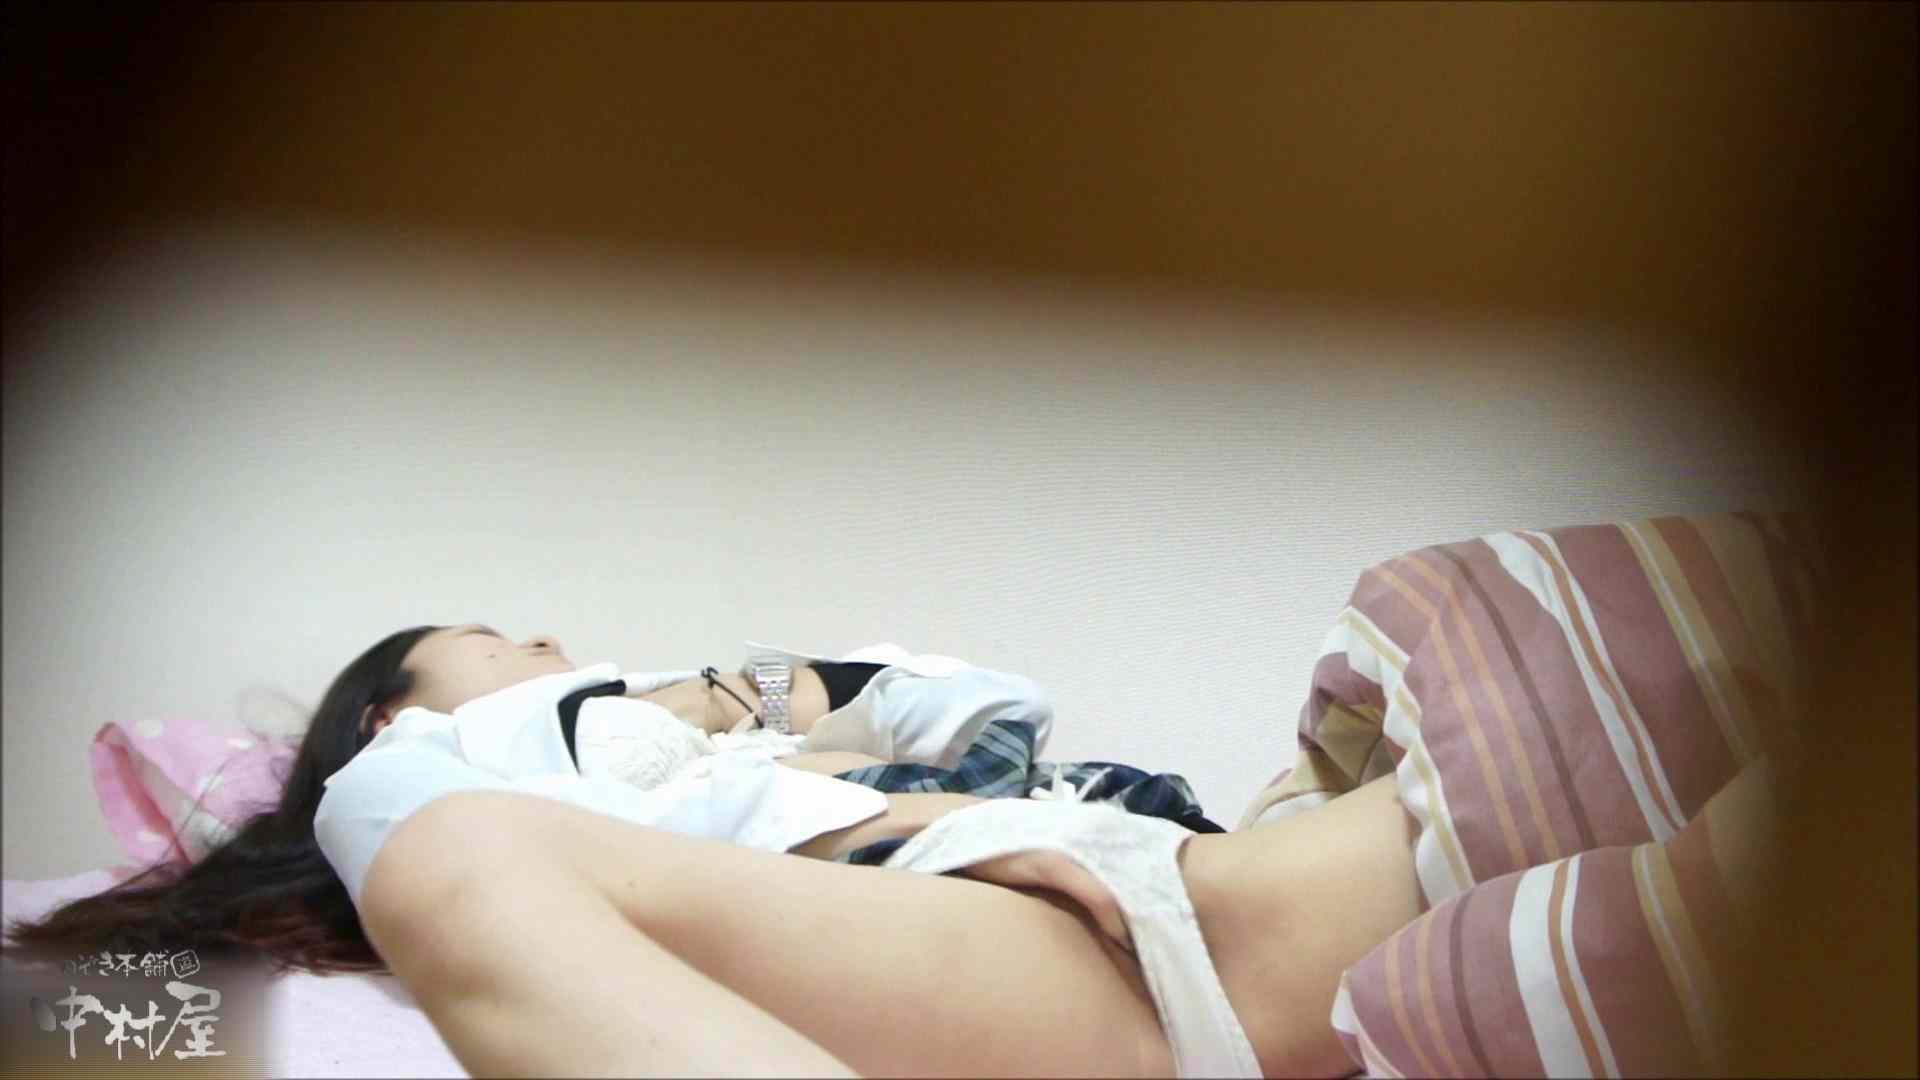 二人とも育てた甲斐がありました…vol.24 レイカの放課後オナニーの瞬間。 美しいOLの裸体 | オナニー  95pic 93